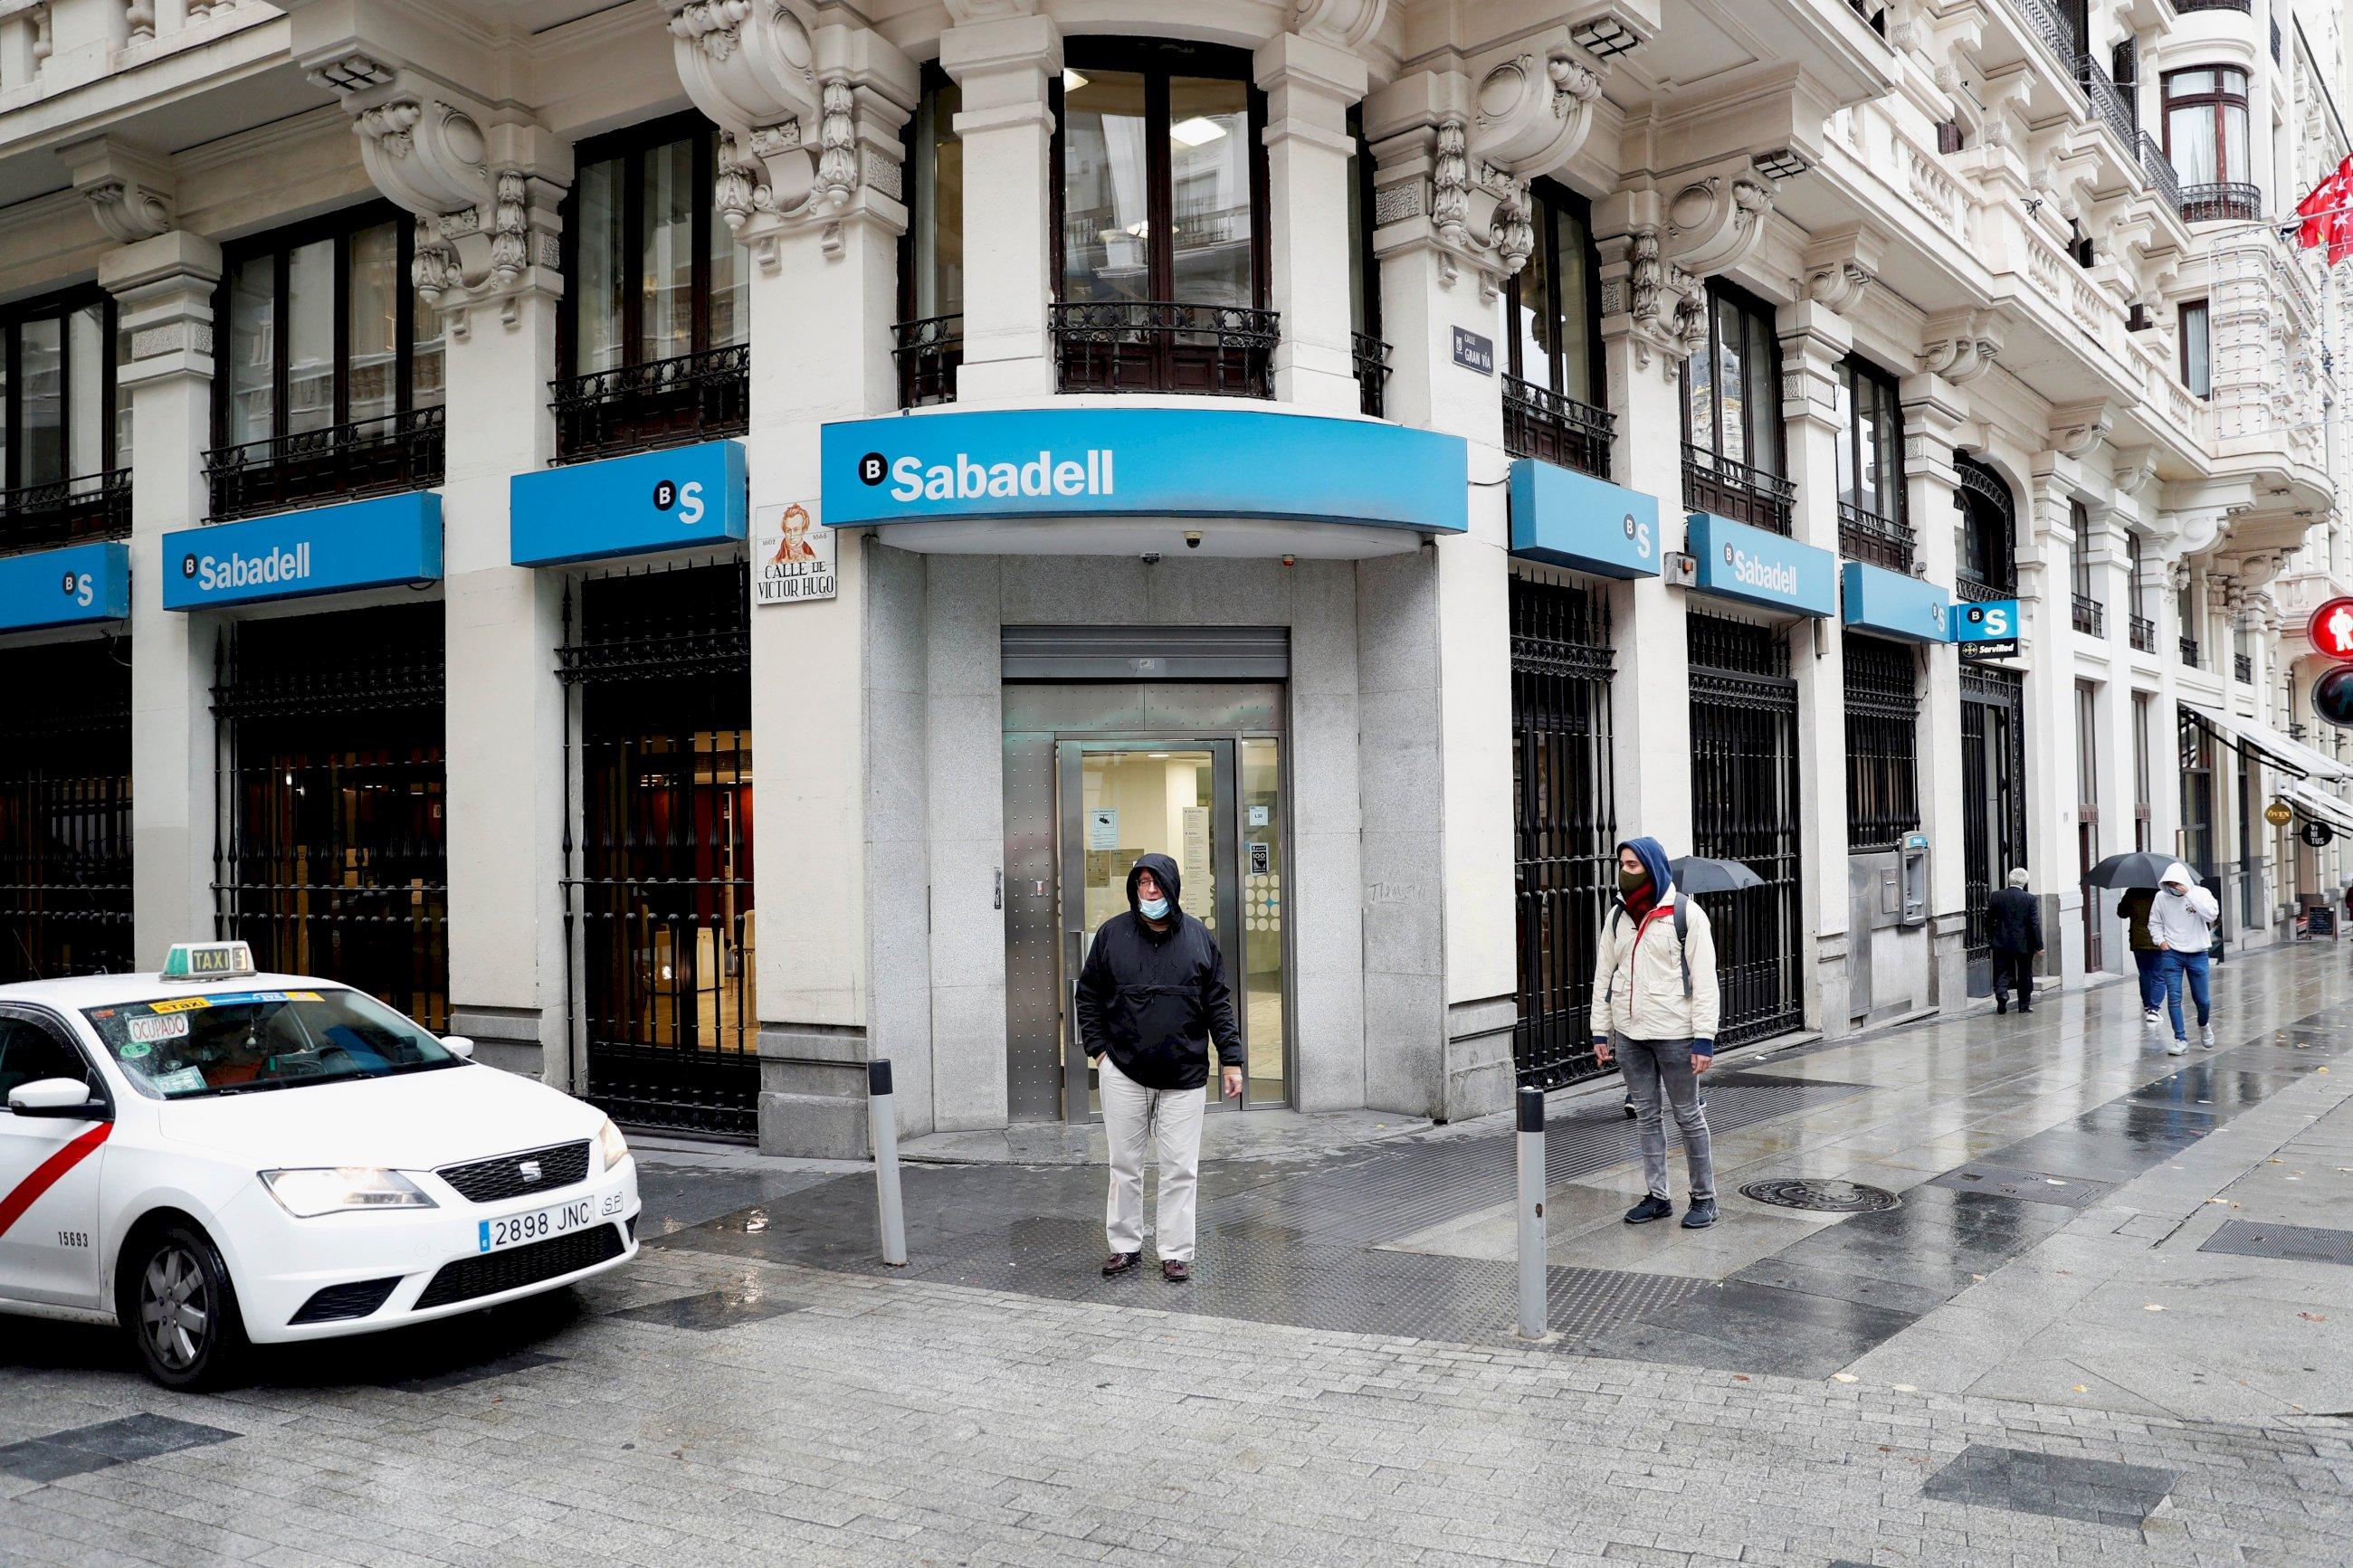 Una oficina del Banc Sabadell en una calle de Madrid / EFE